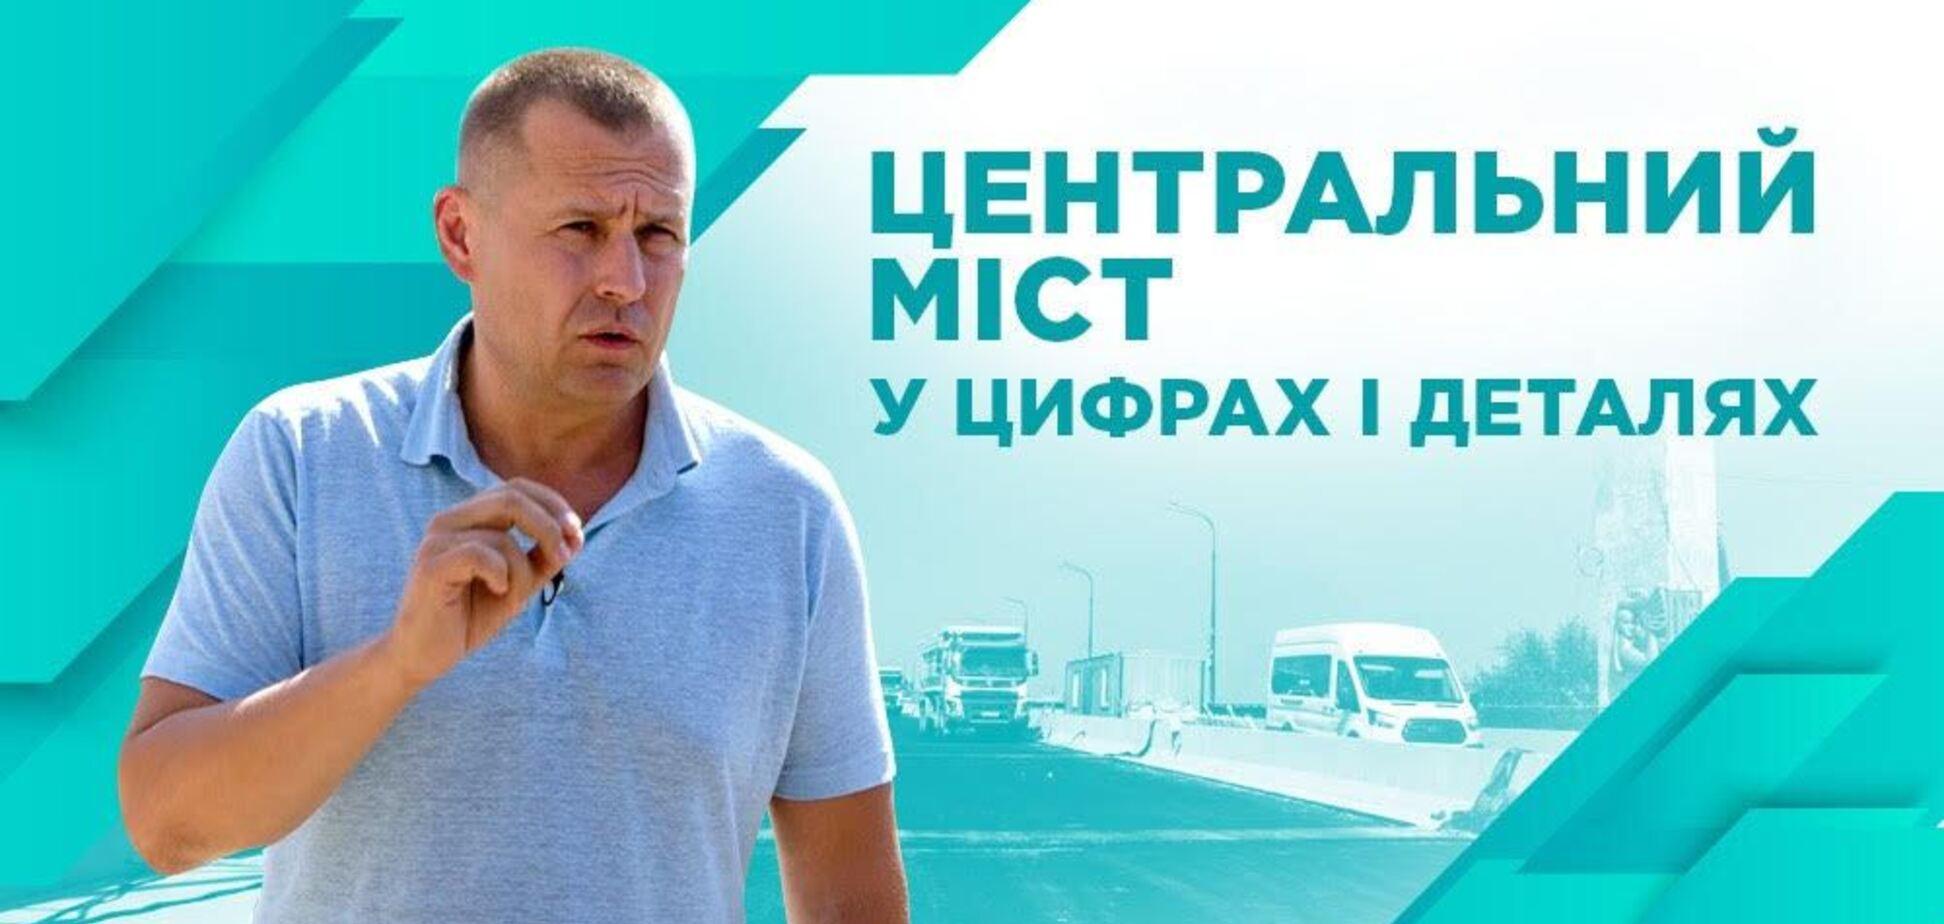 Філатов пояснив, чому змінювалася ціна ремонту Центрального мосту